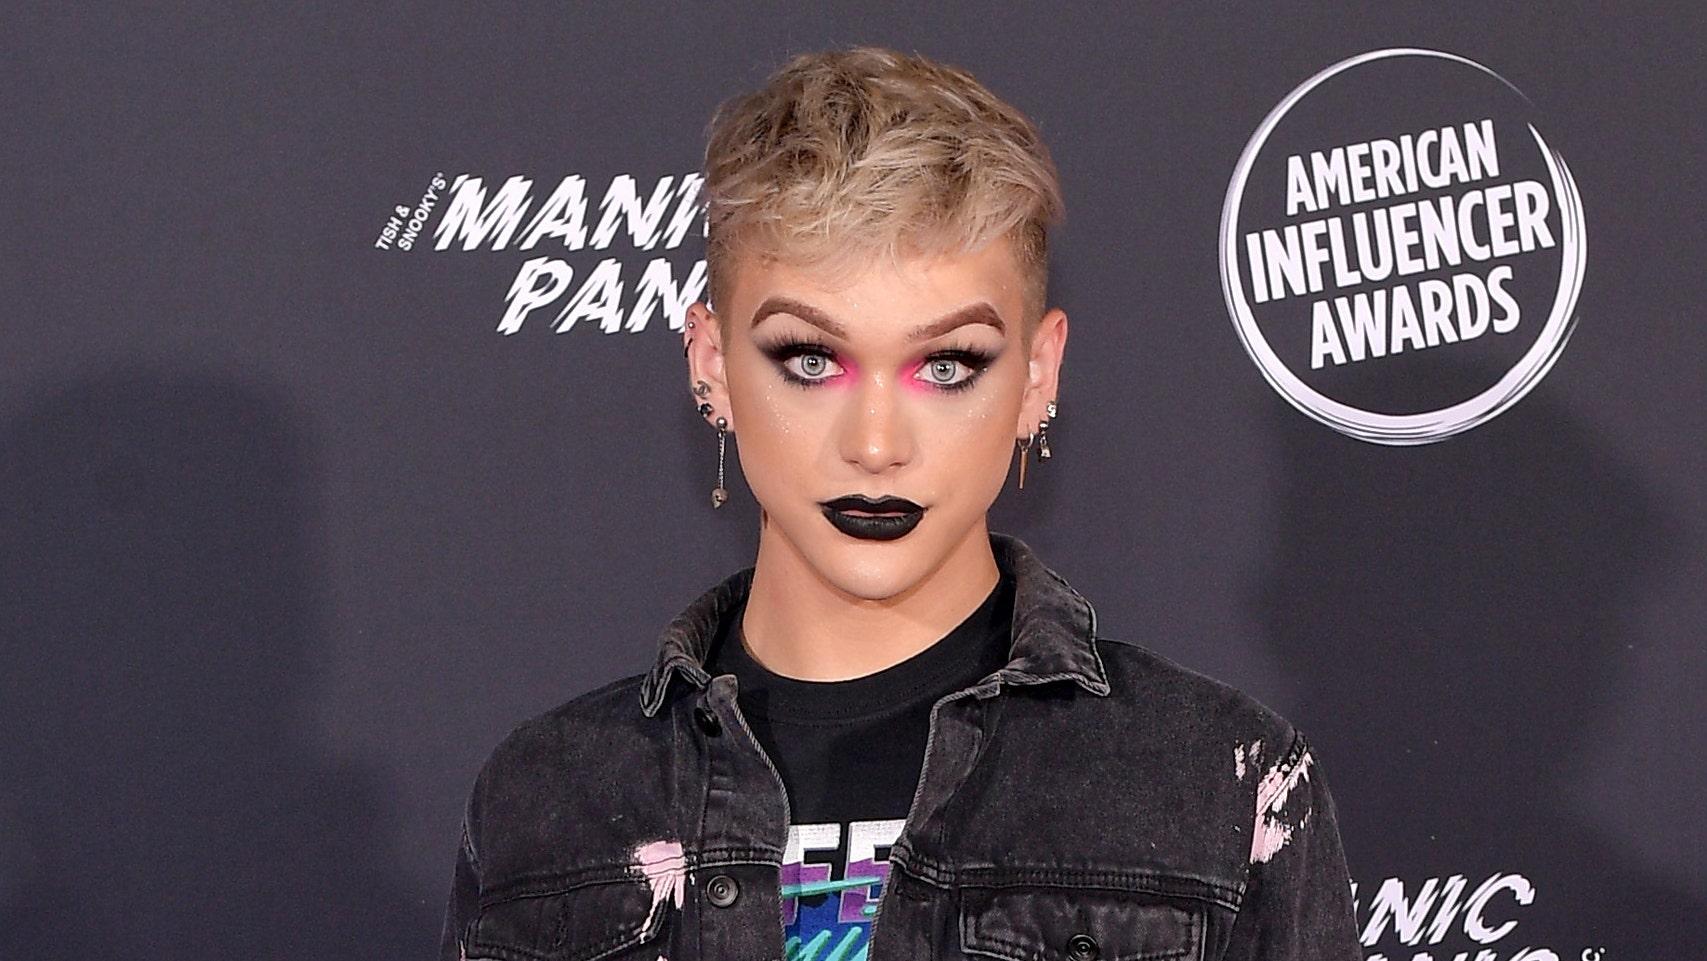 Makeup guru influencer Ethanisupreme dead at 17 – Fox News